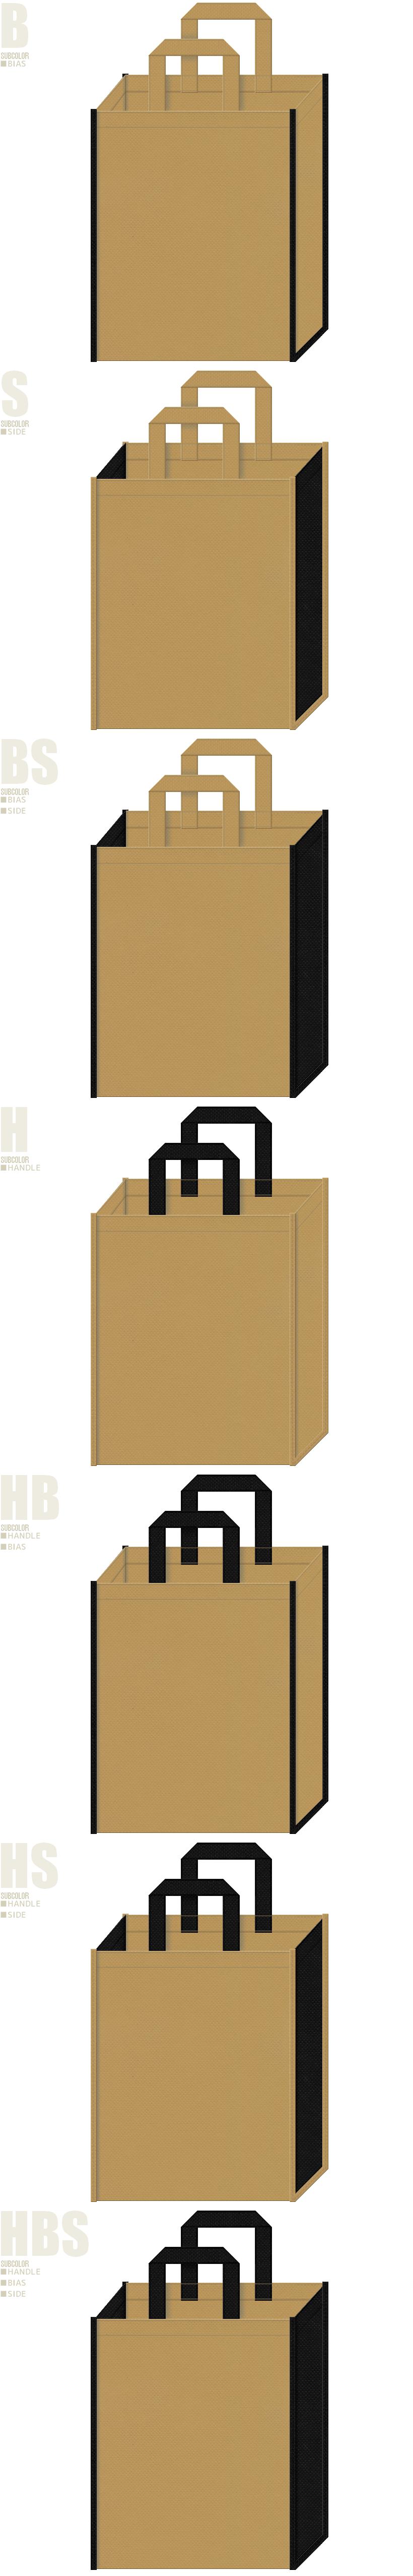 襖・額縁・書道・ゲーム・大名・印籠・戦国・お城イベントにお奨めの不織布バッグデザイン:金黄土色と黒色の配色7パターン